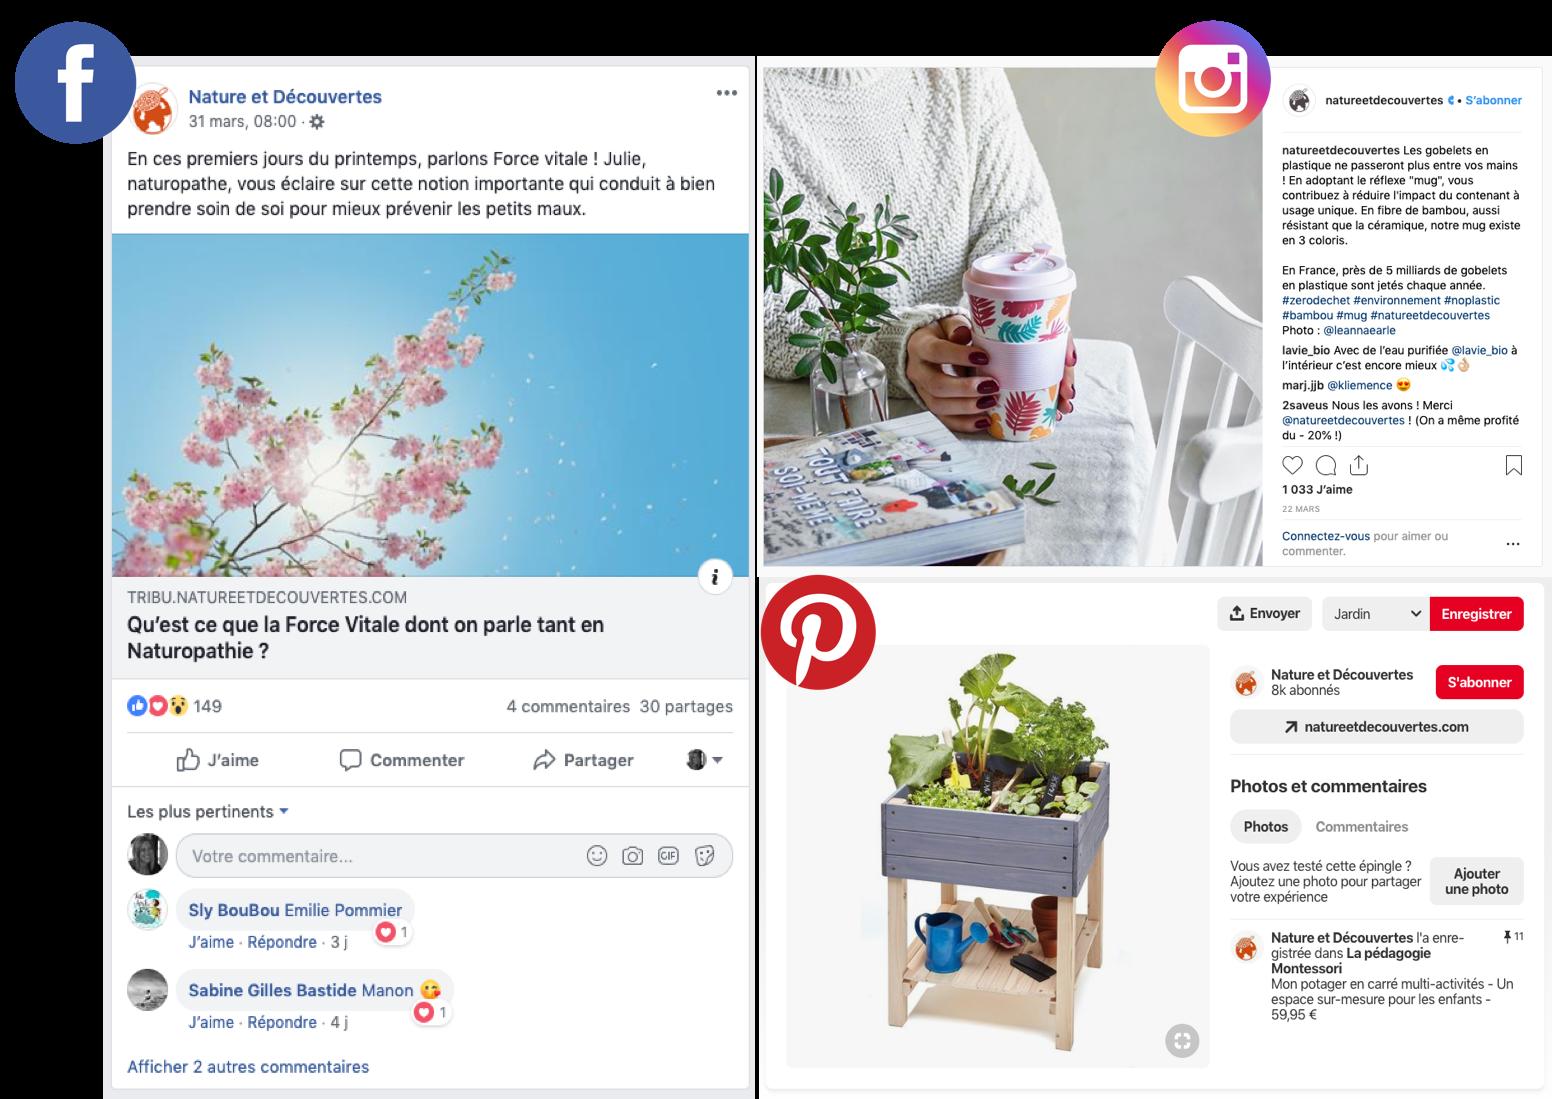 Nature et Découvertes partage ses articles de blog d'entreprise sur les réseaux sociaux